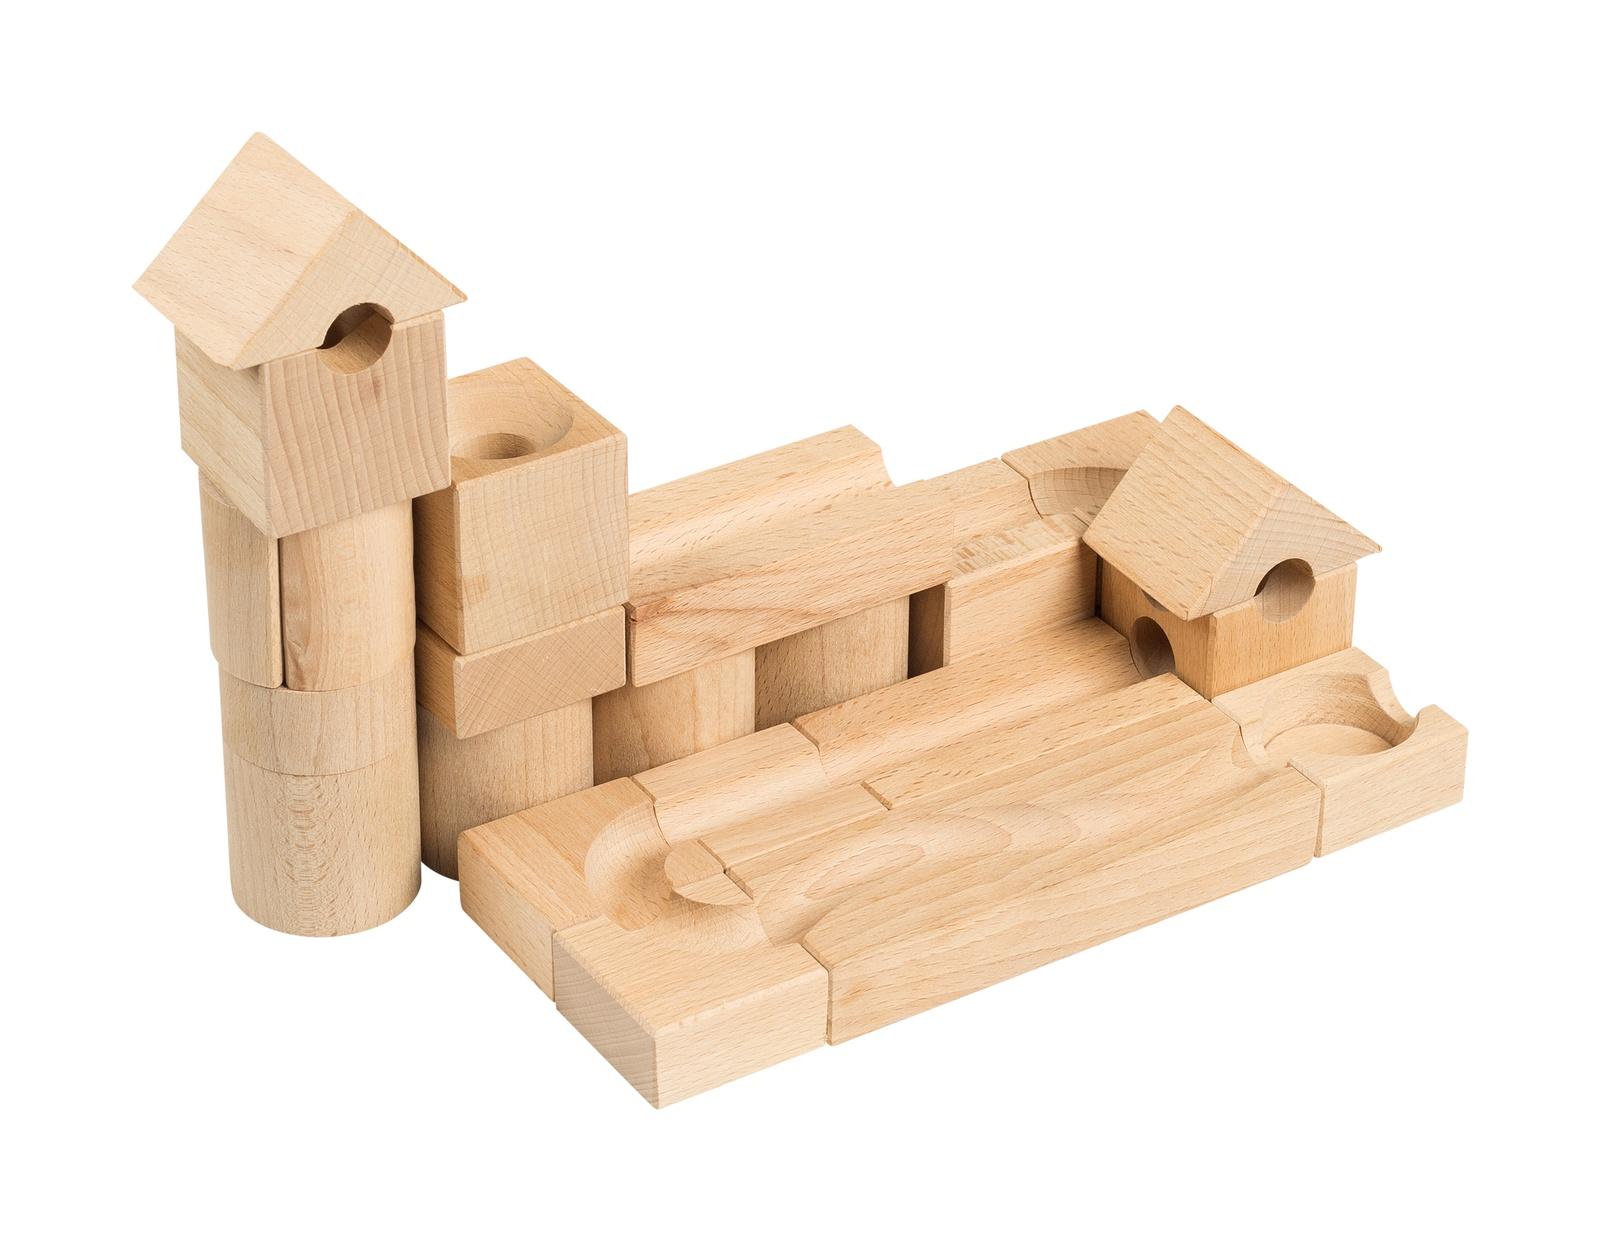 """Конструктор игровой """"Шарики-кубарики"""" стартовый набор для самых маленьких, для детей от 3-х лет, 18 шт"""